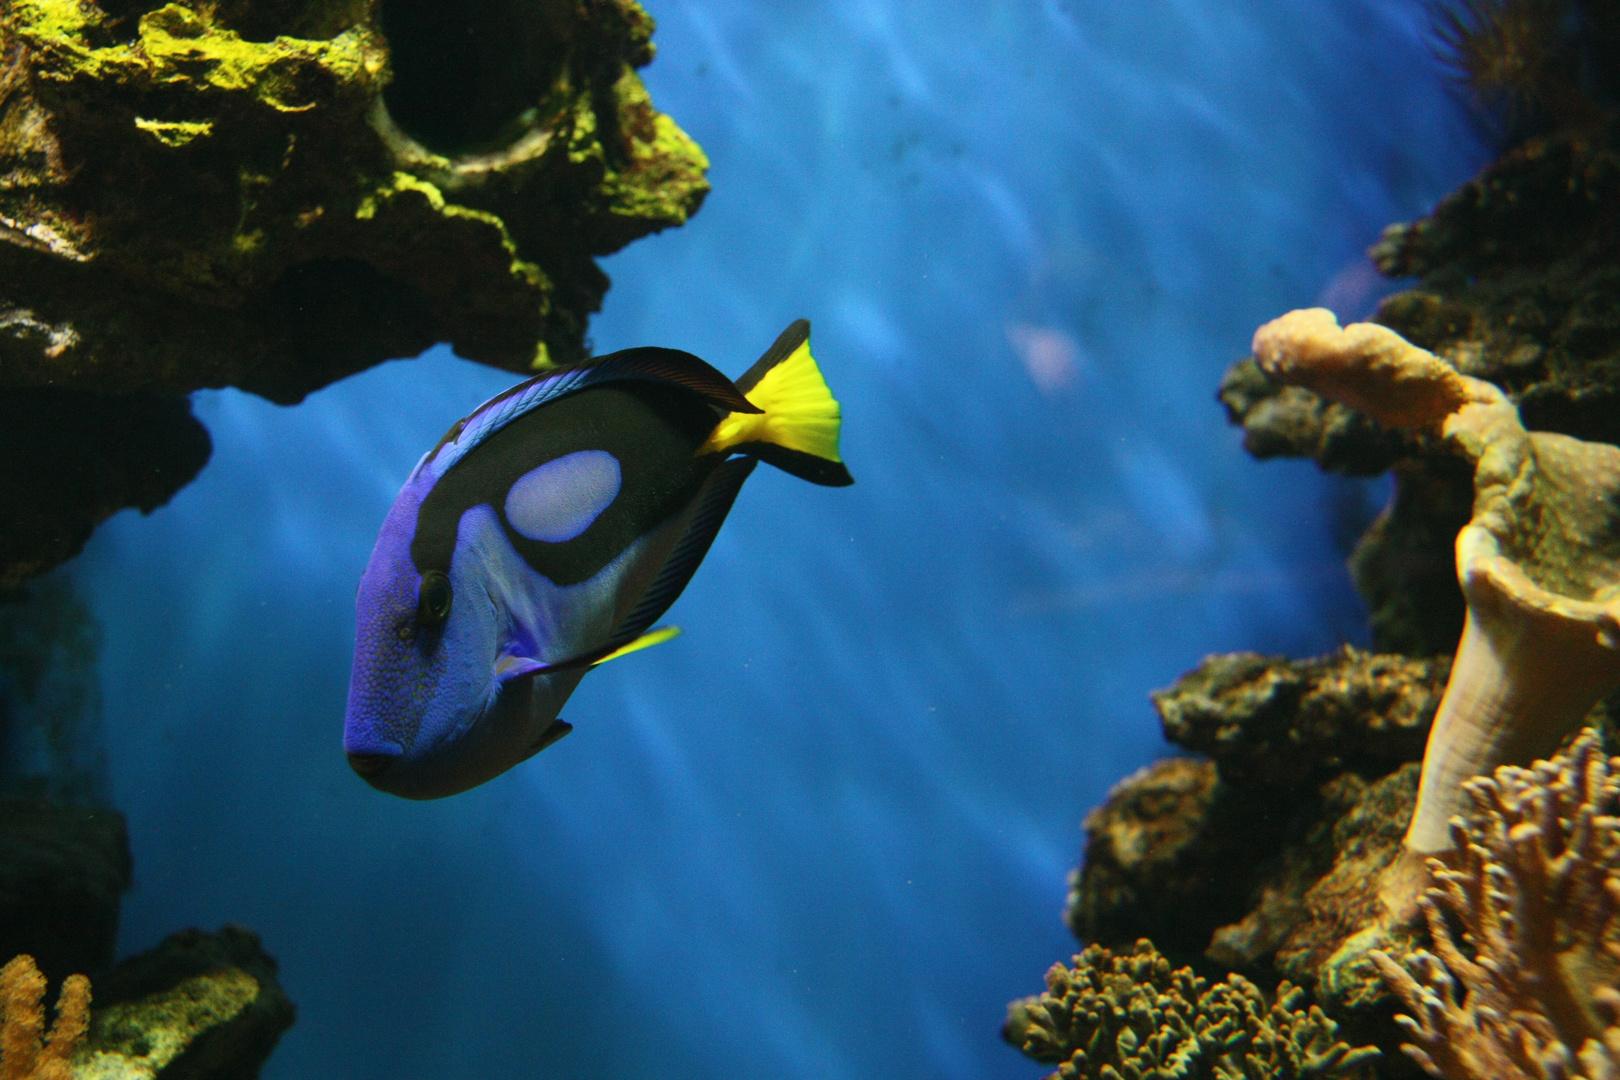 Blauer Fisch vor blauem Grund.